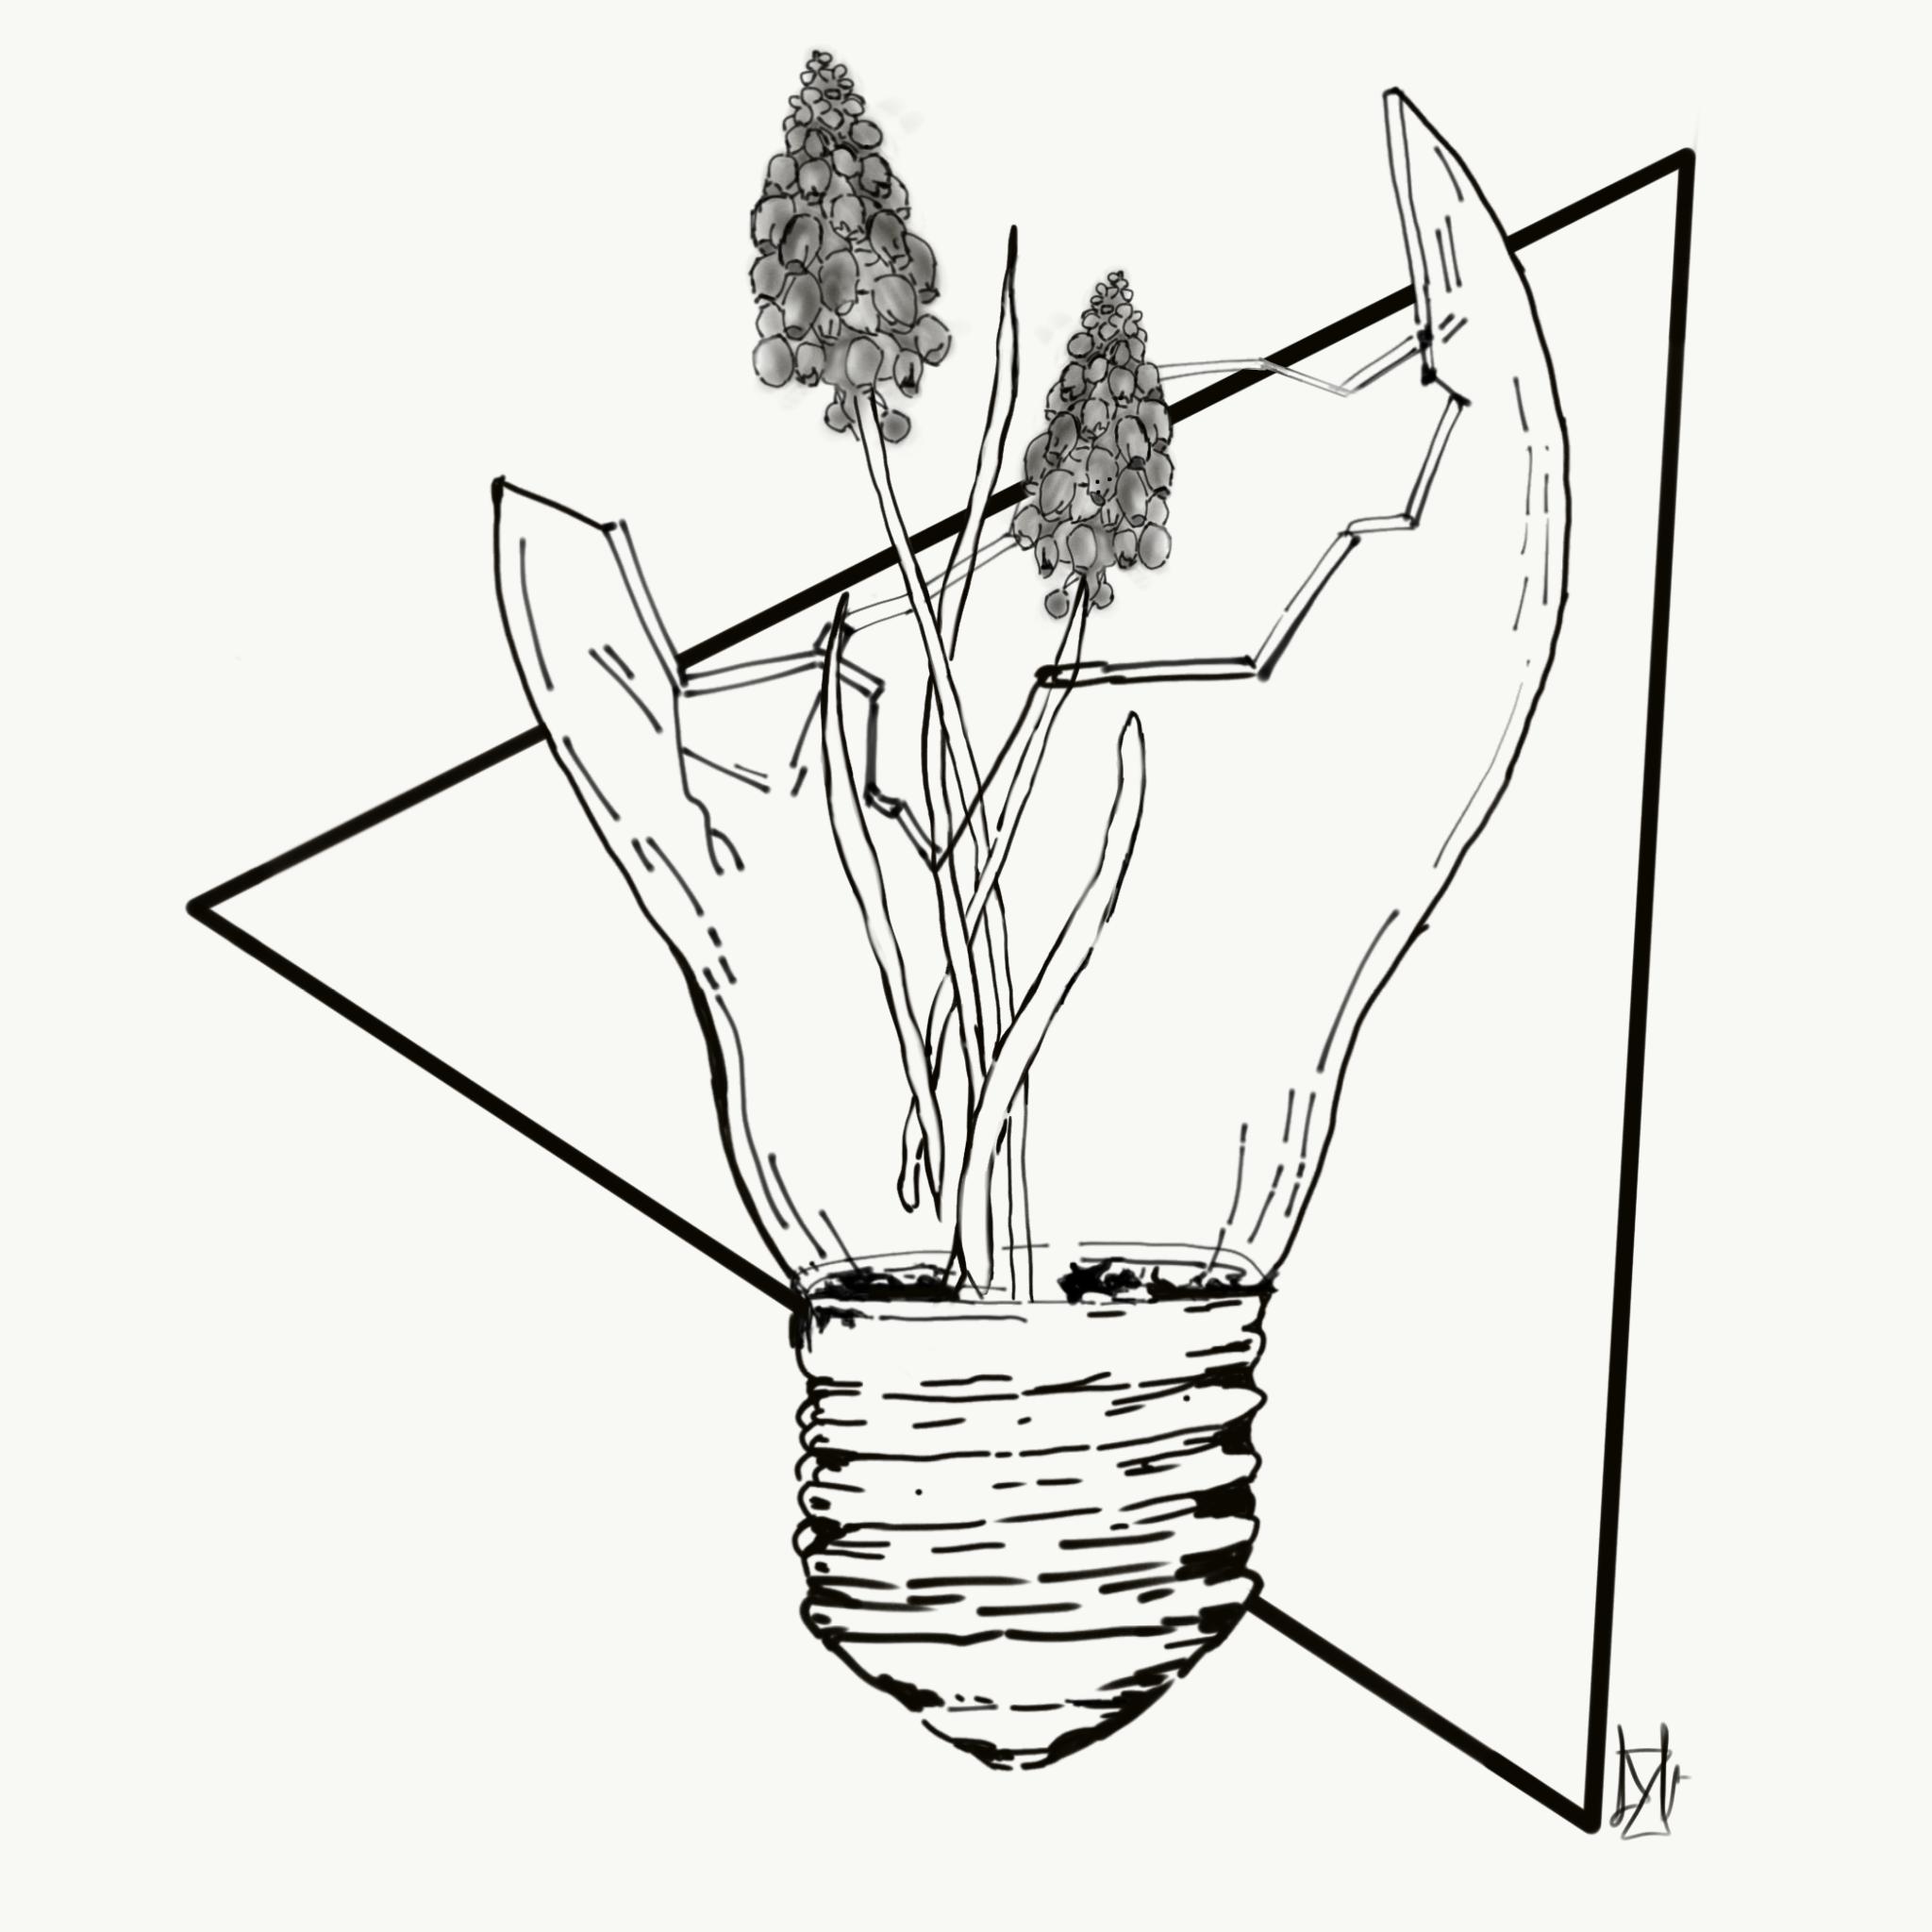 Pin De Kayla En Minimalist Cizimler Arte Inspirador Arte Minimalista Arte Trippy